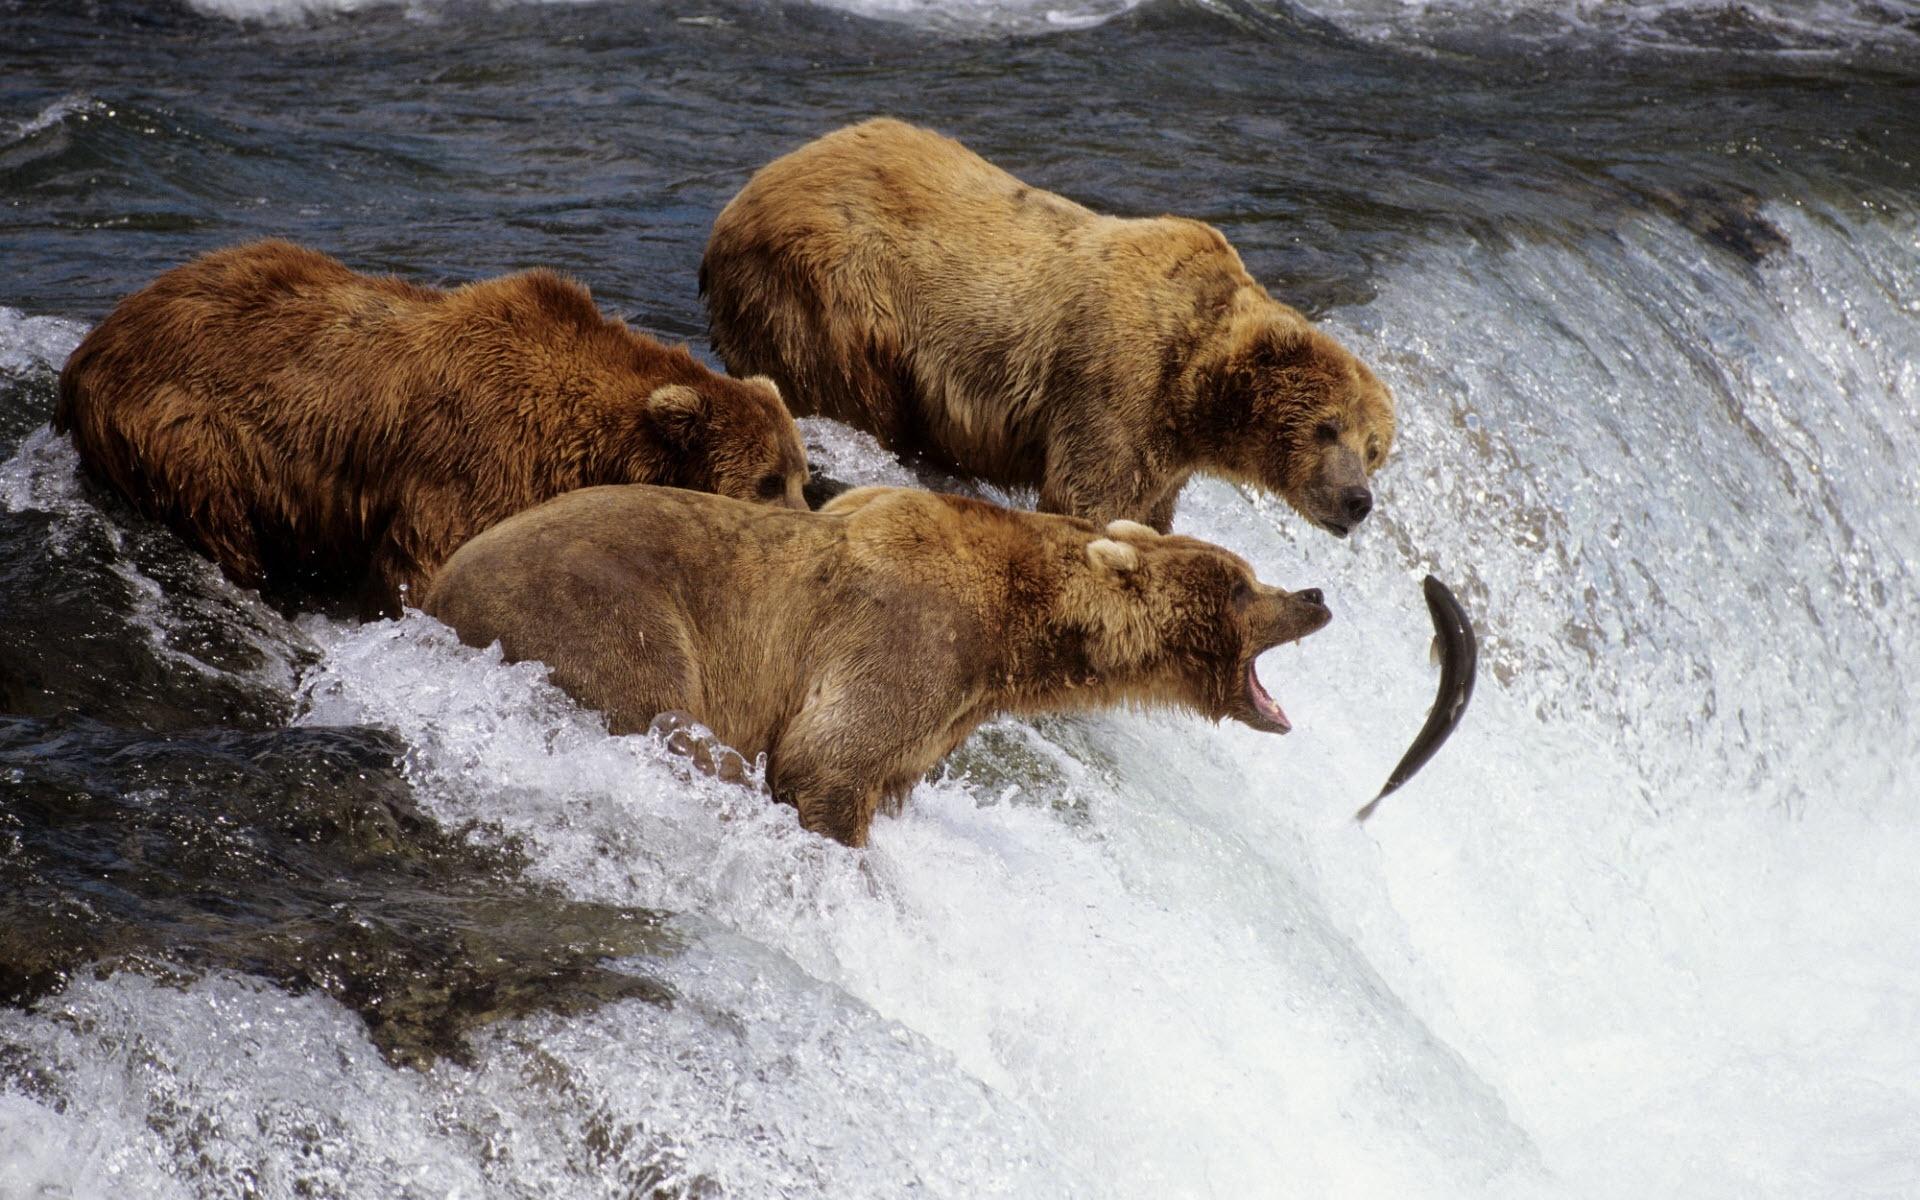 观景火车 野生动物 海洋动物